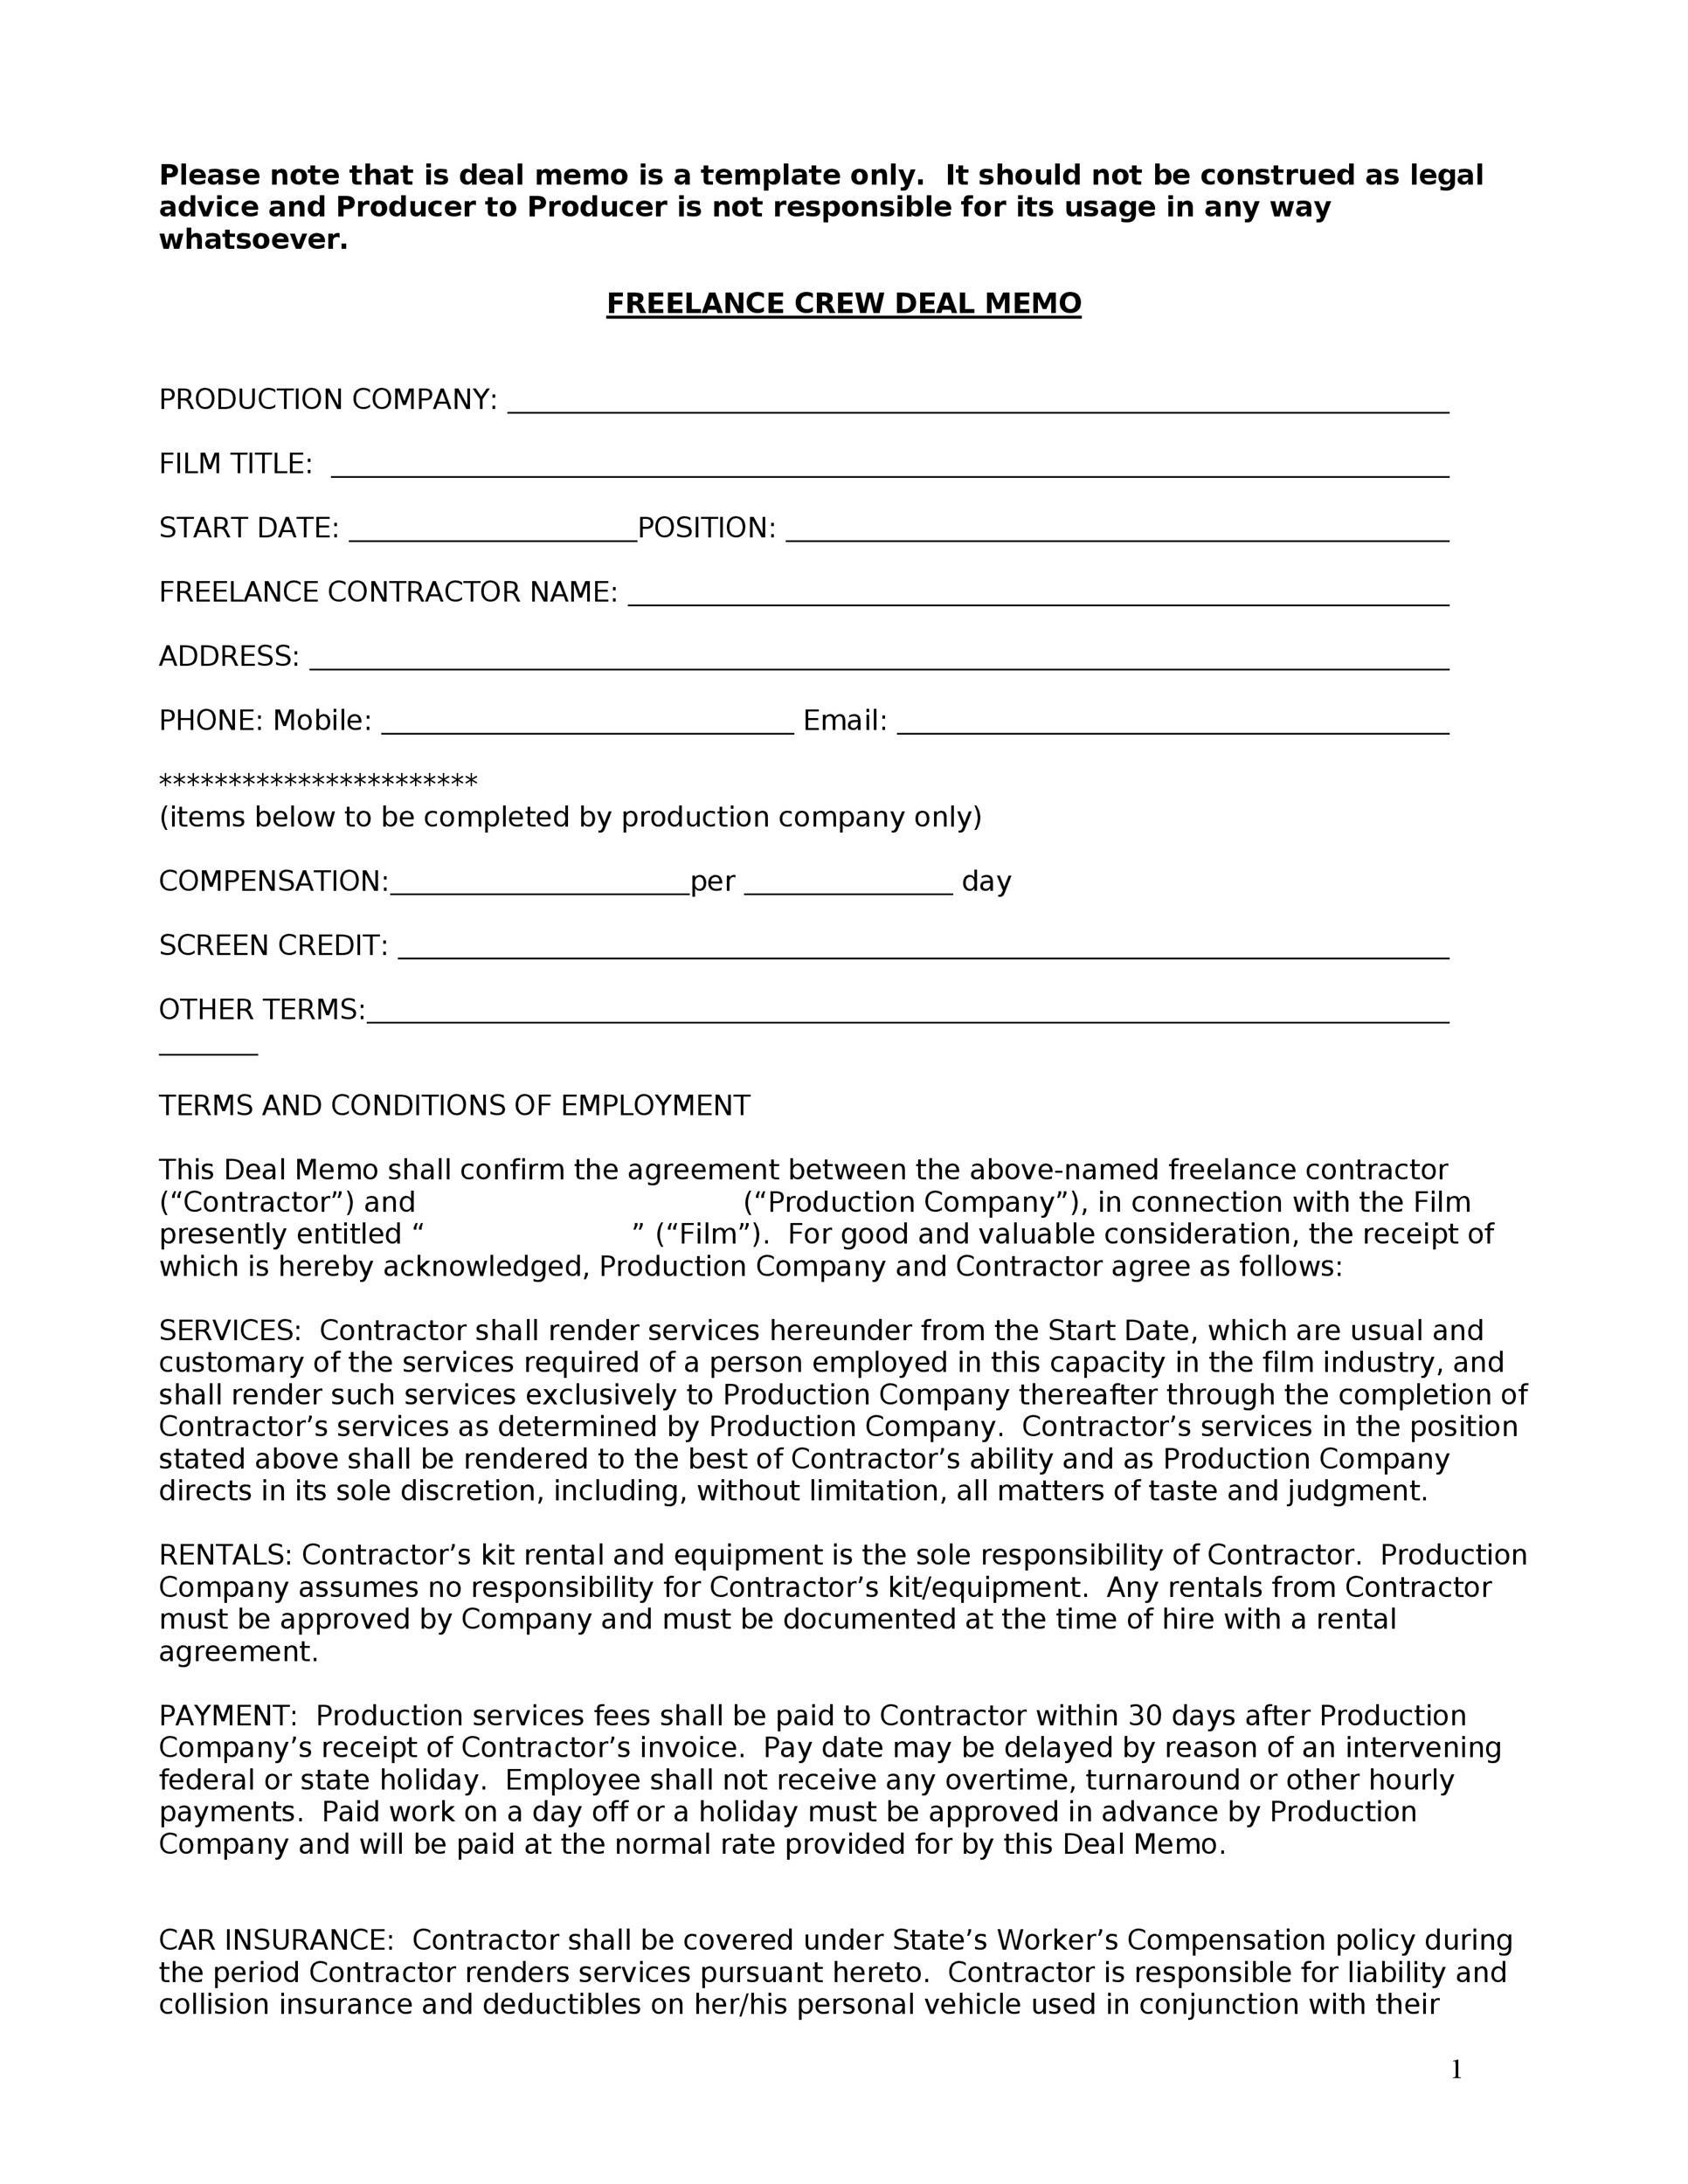 Free deal memo template 10